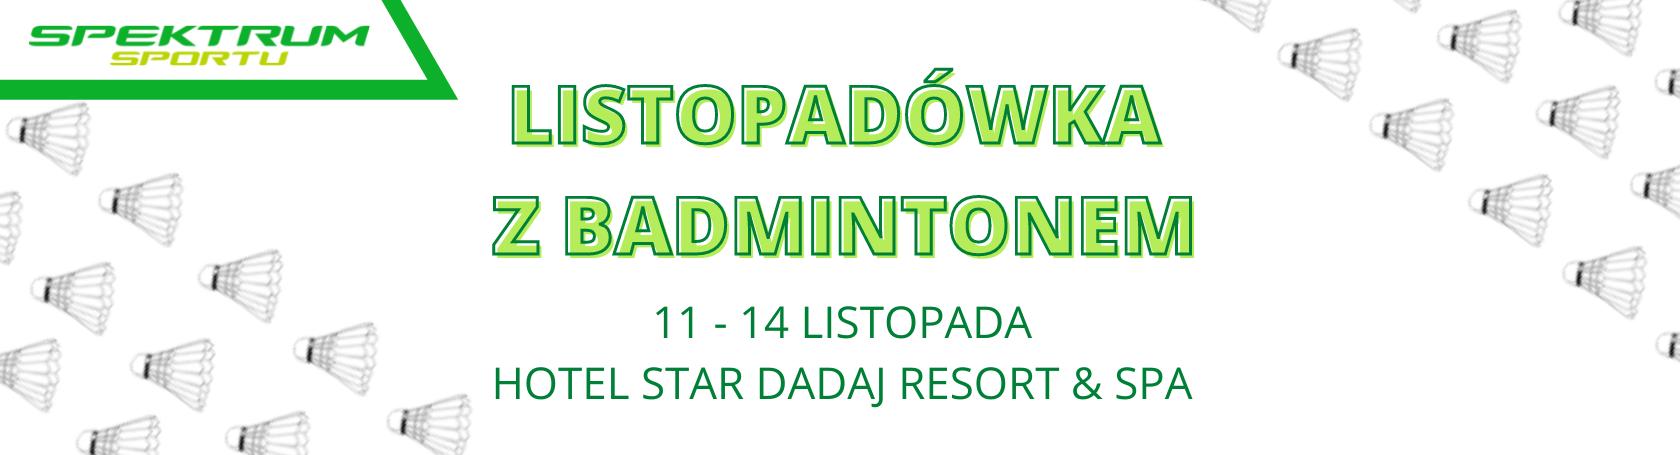 listopadówka-z-badmintonem-legionowo-spektrum-sportu